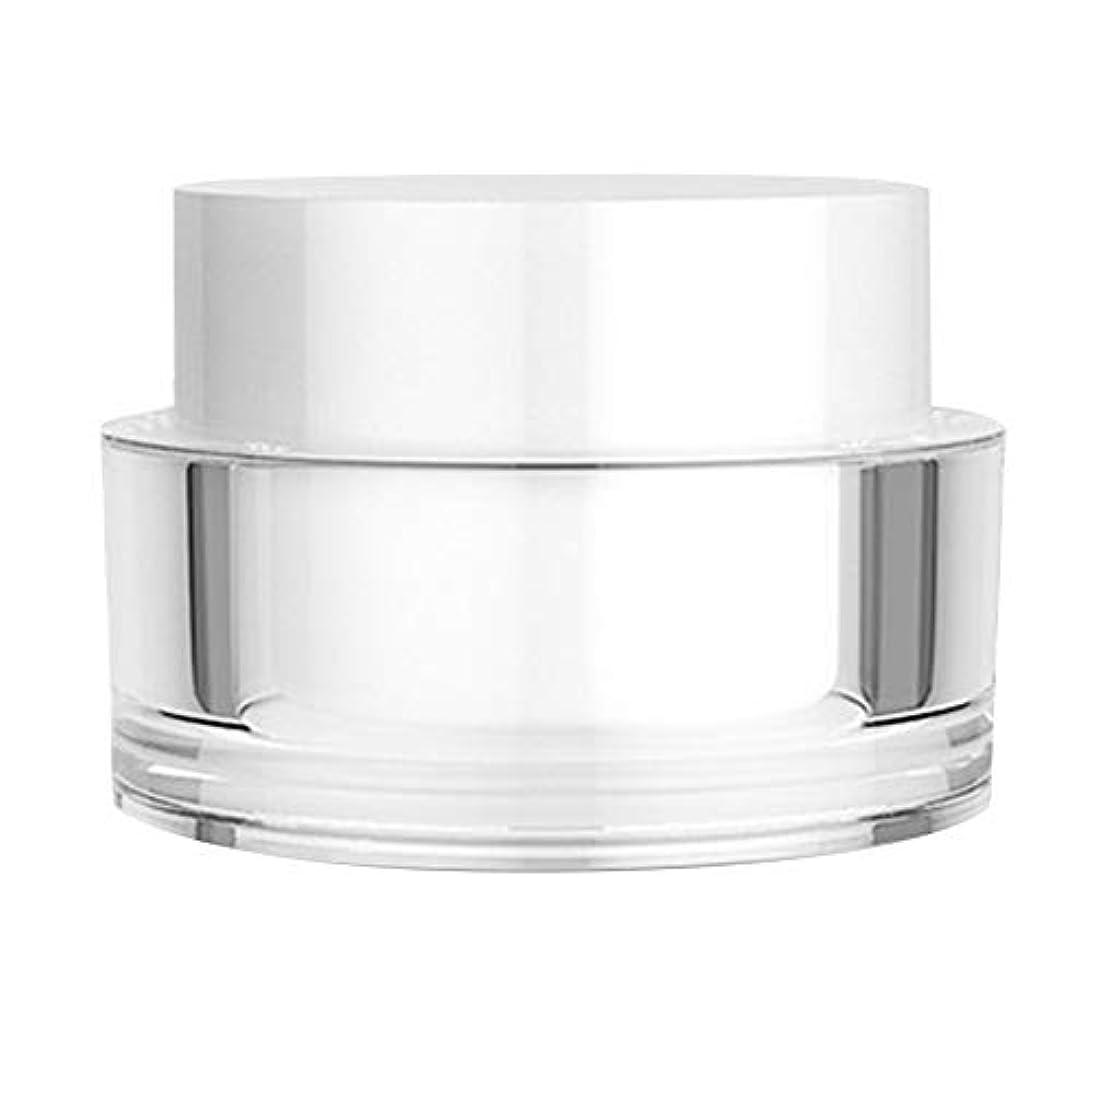 節約インク大きさVi.yo クリームケース 小分け容器 コスメ用詰替え容器 携帯便利 出張 旅行用品 50g